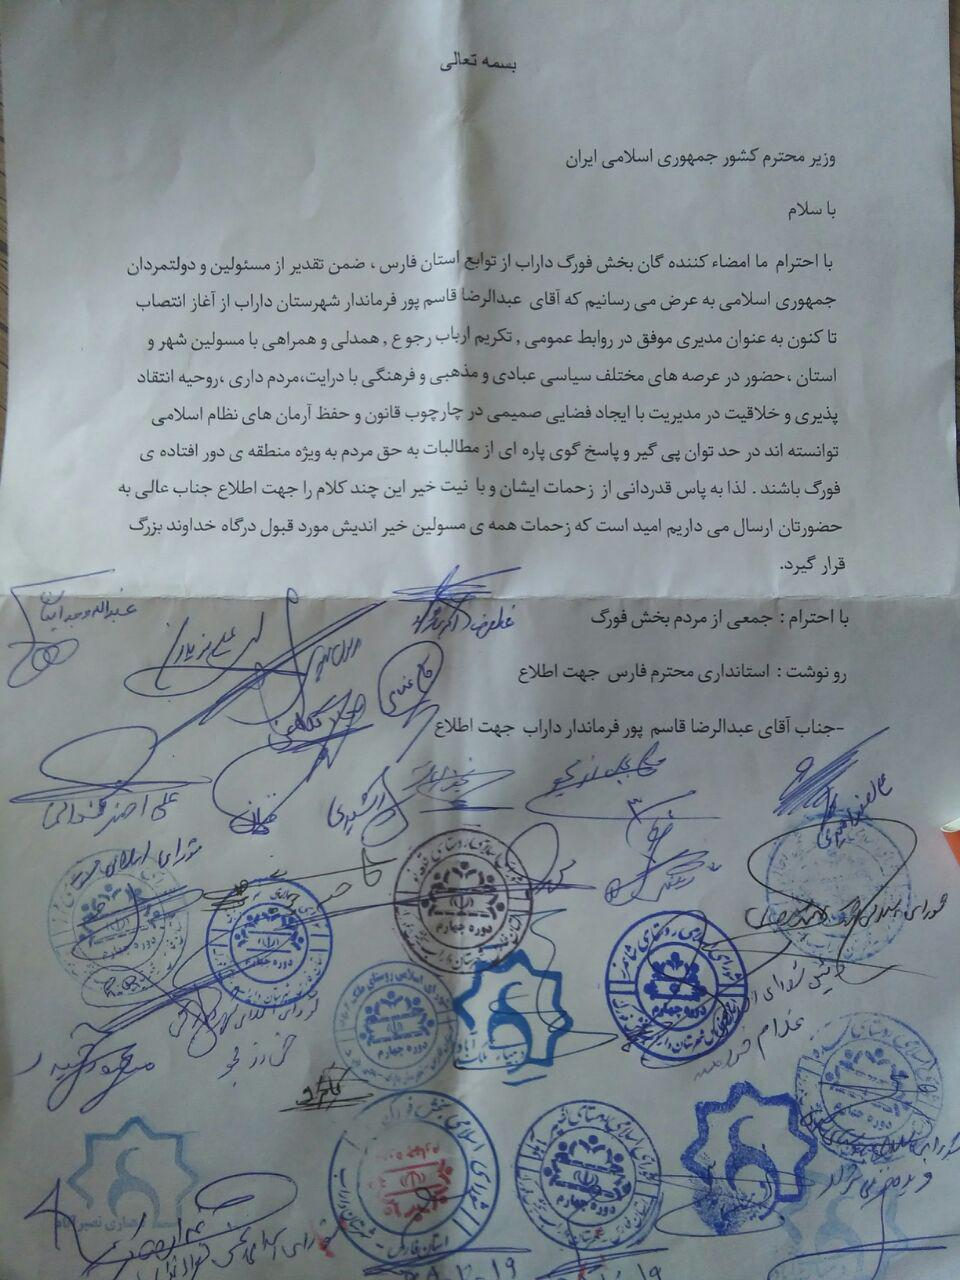 جمعی از مردم  بخش فورگ با ارسال نامه ای به وزیر کشور از خدمات  فرماندار داراب تقدیر کردند